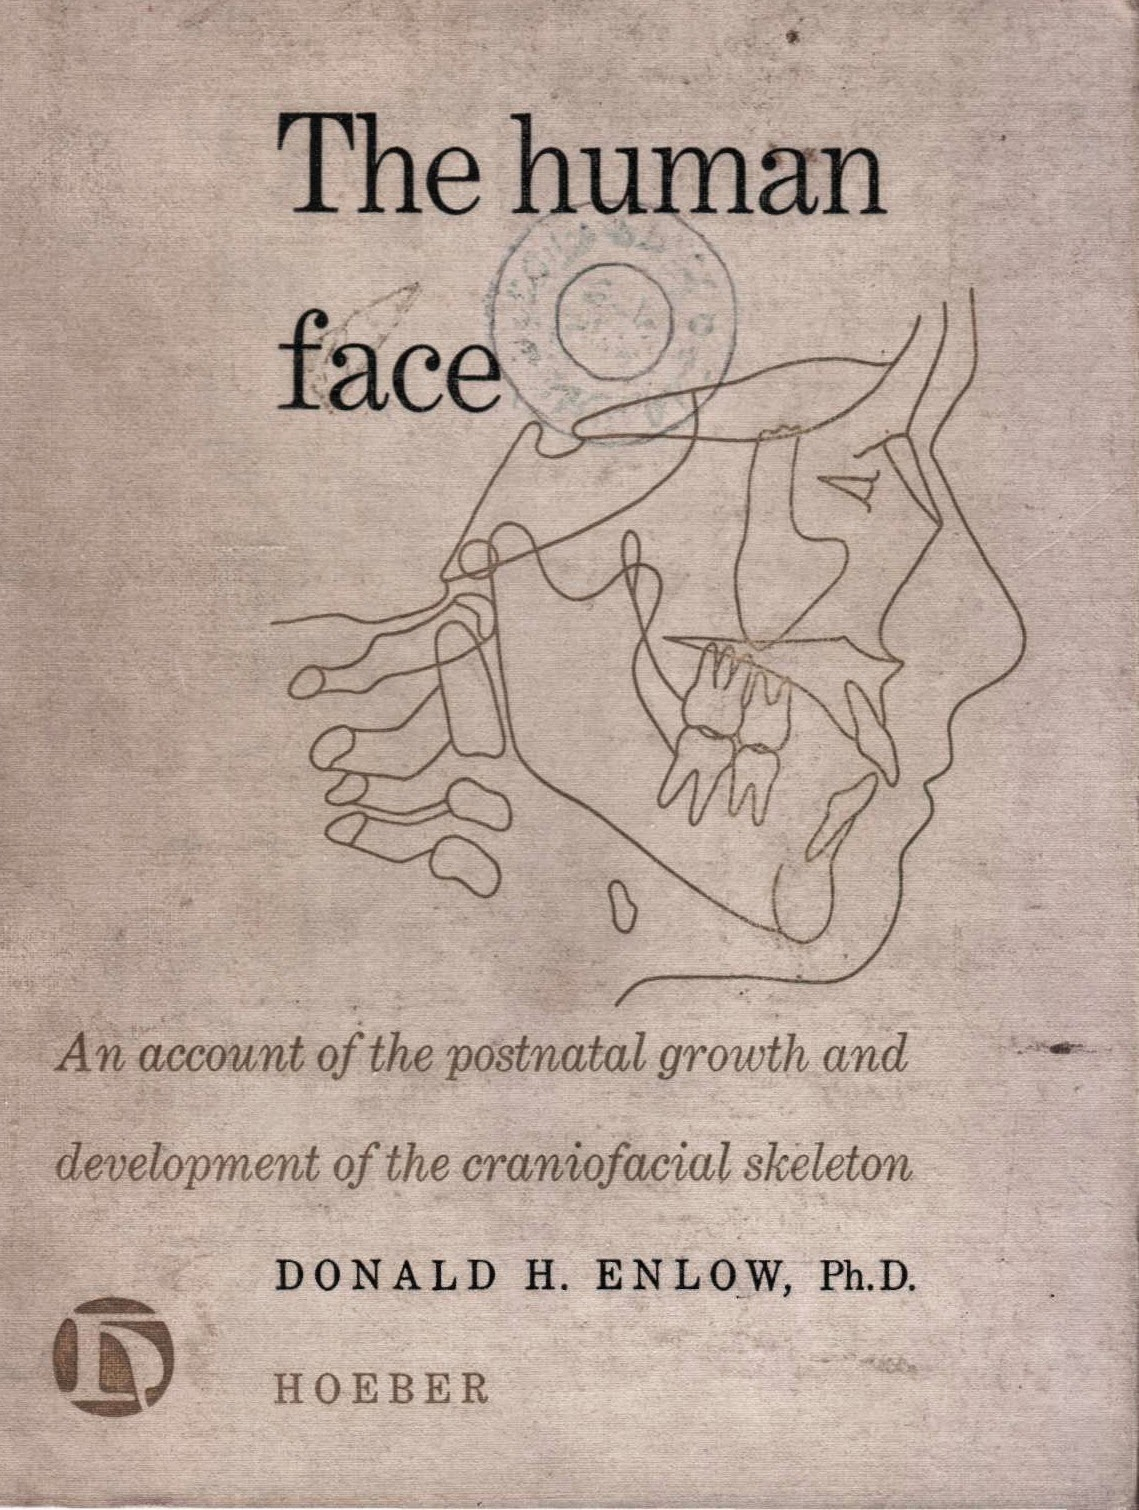 The human face - Donald H.Enlow - ©1968.PDF